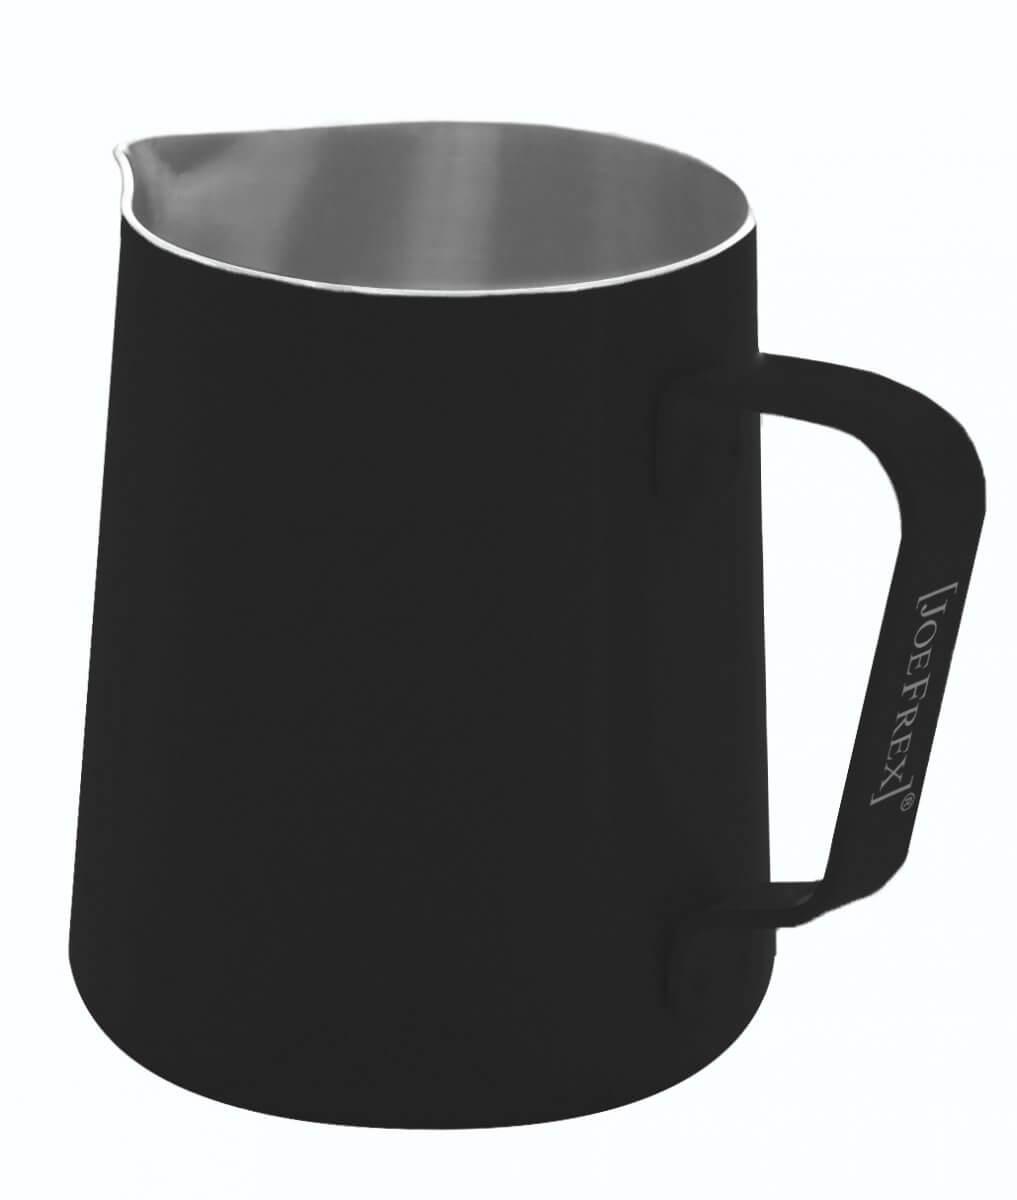 [JoeFrex]® - Pichet à lait - noir - 590ml